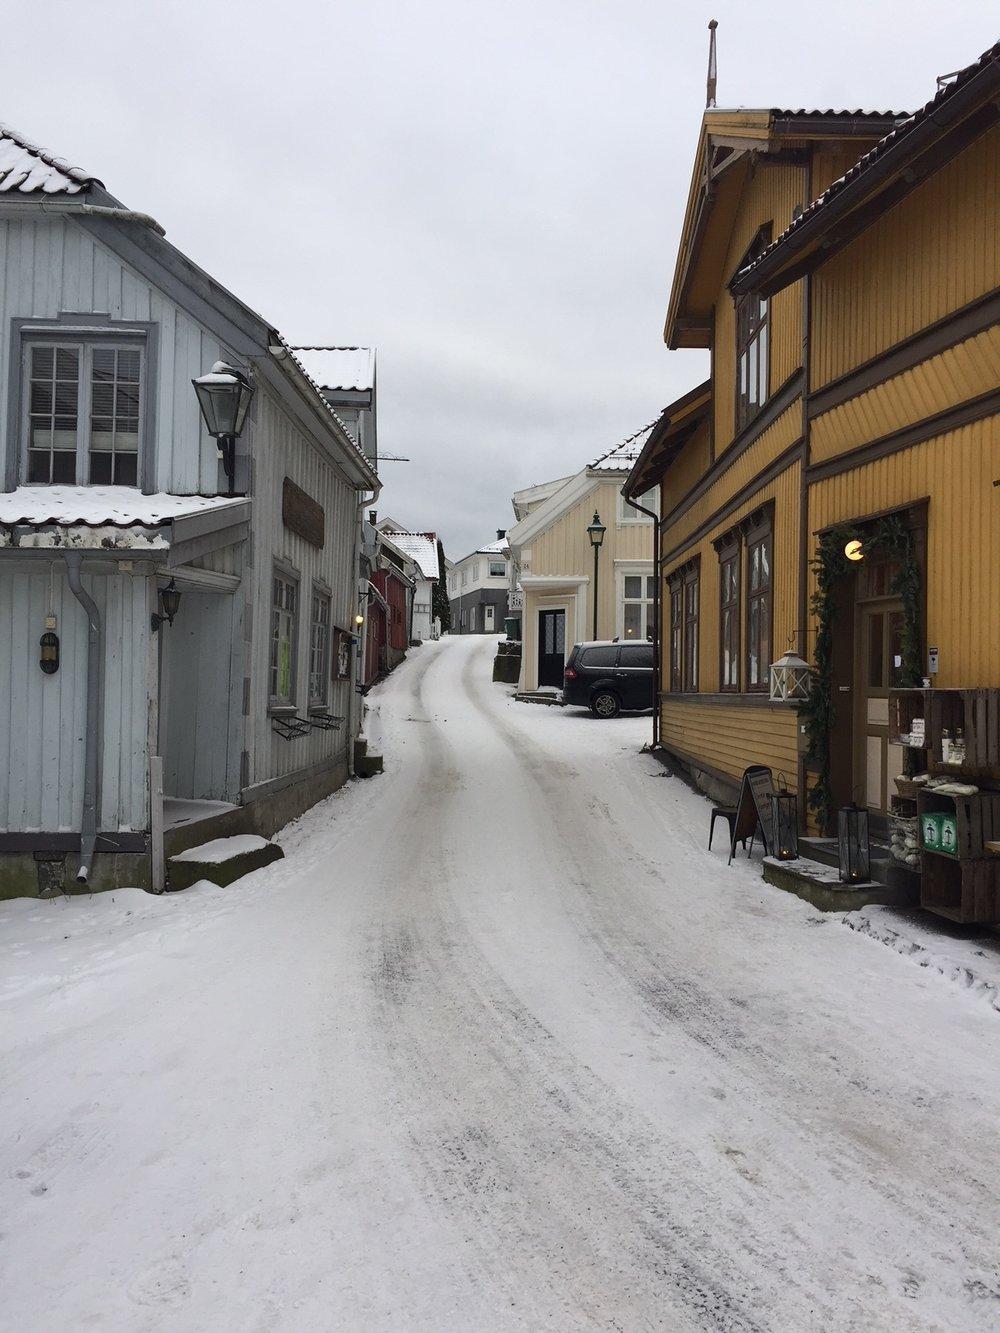 Slik ser Strandgaten i Stathelle ut, med små lokale virksomheter bortover gata. Ikke yrende folkeliv nå, akkurat, men kanskje med nytt potensiale i årene som kommer?